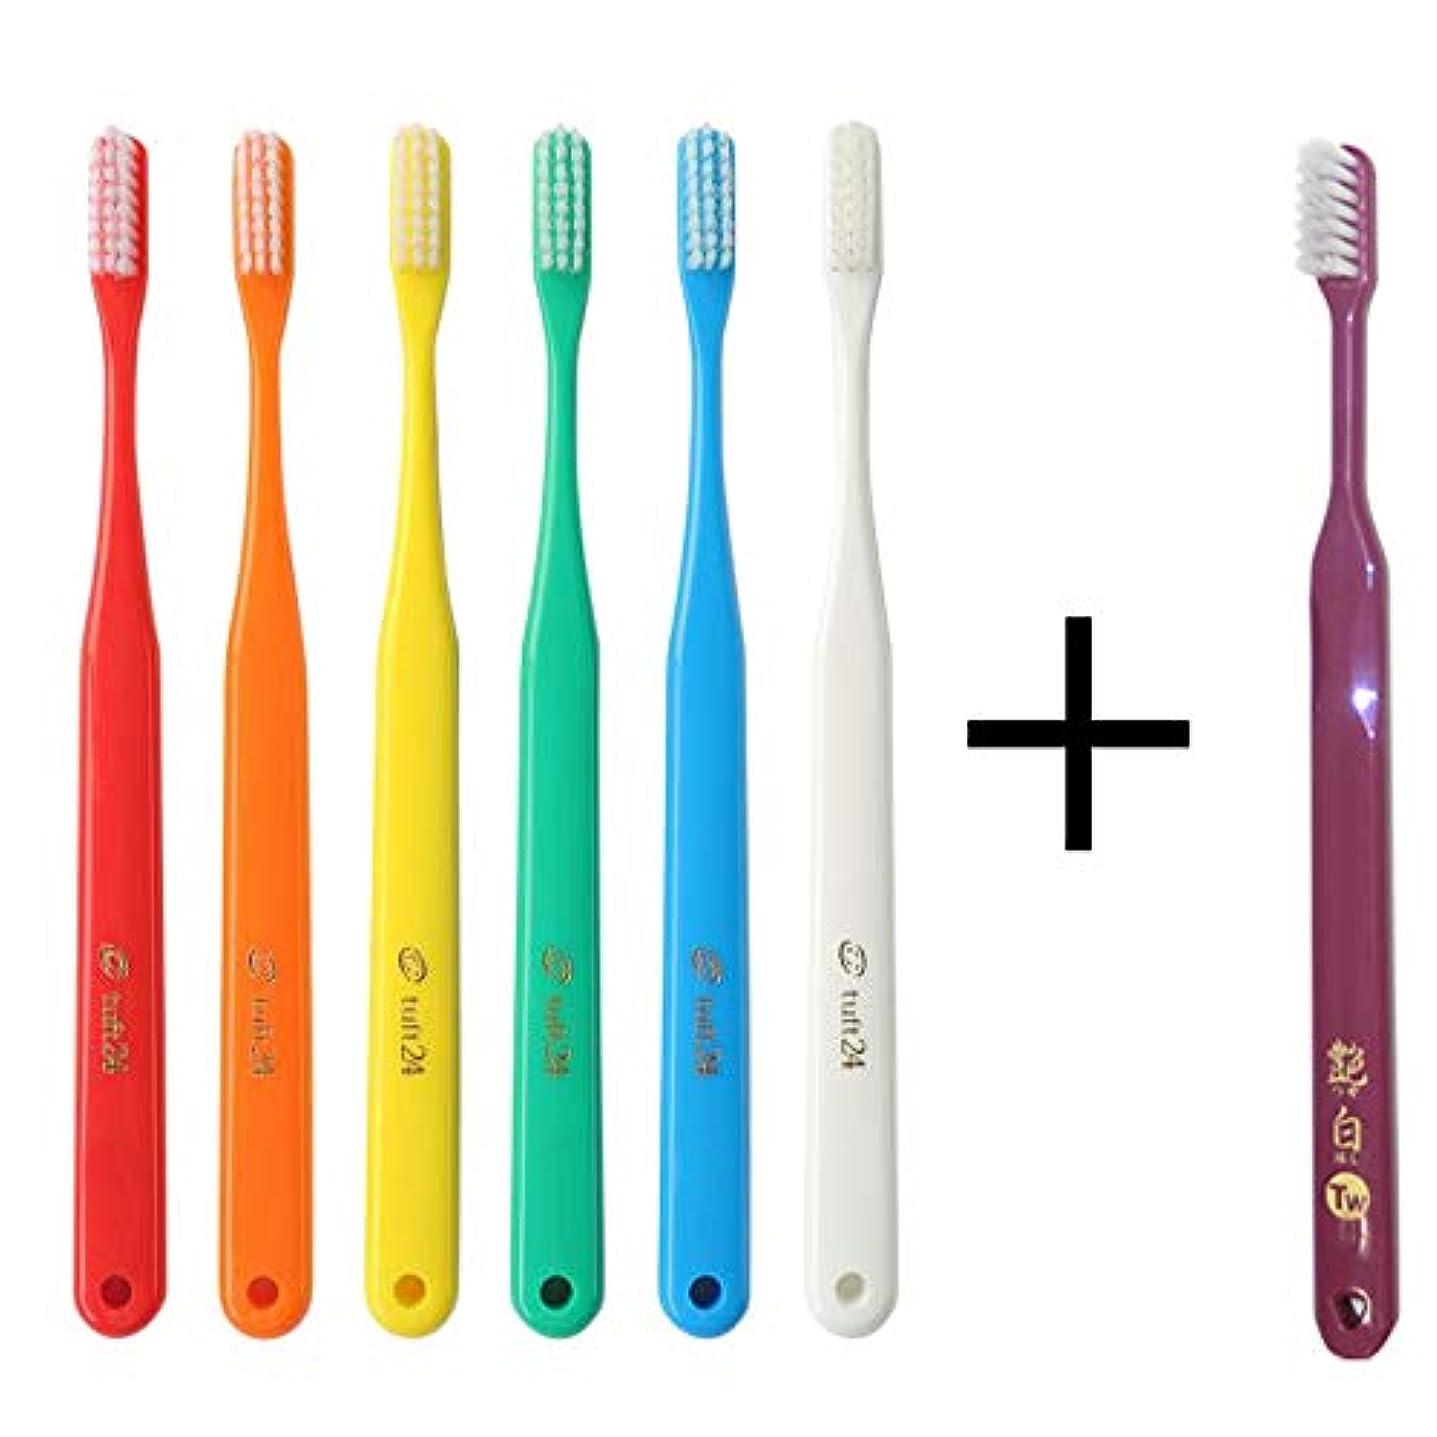 完璧なプログレッシブ野心的キャップなし タフト24 歯ブラシ × 25本入 S (アソート) + 艶白 歯ブラシ (日本製) ×1本 MS(やややわらかめ) 大人用歯ブラシ 歯科医院取扱品